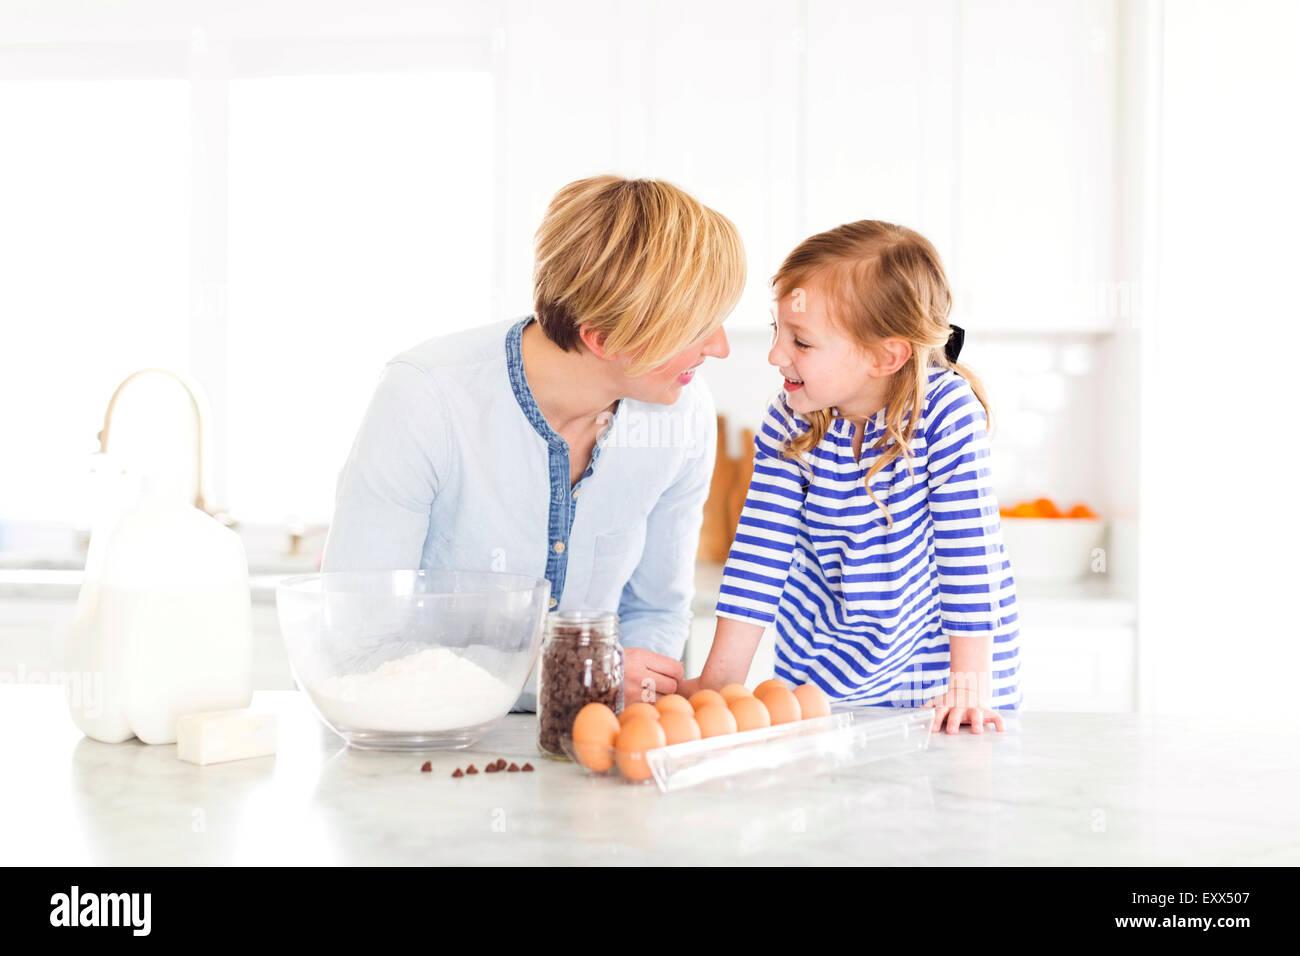 La ragazza (4-5) la conversazione con la mamma in cucina Immagini Stock